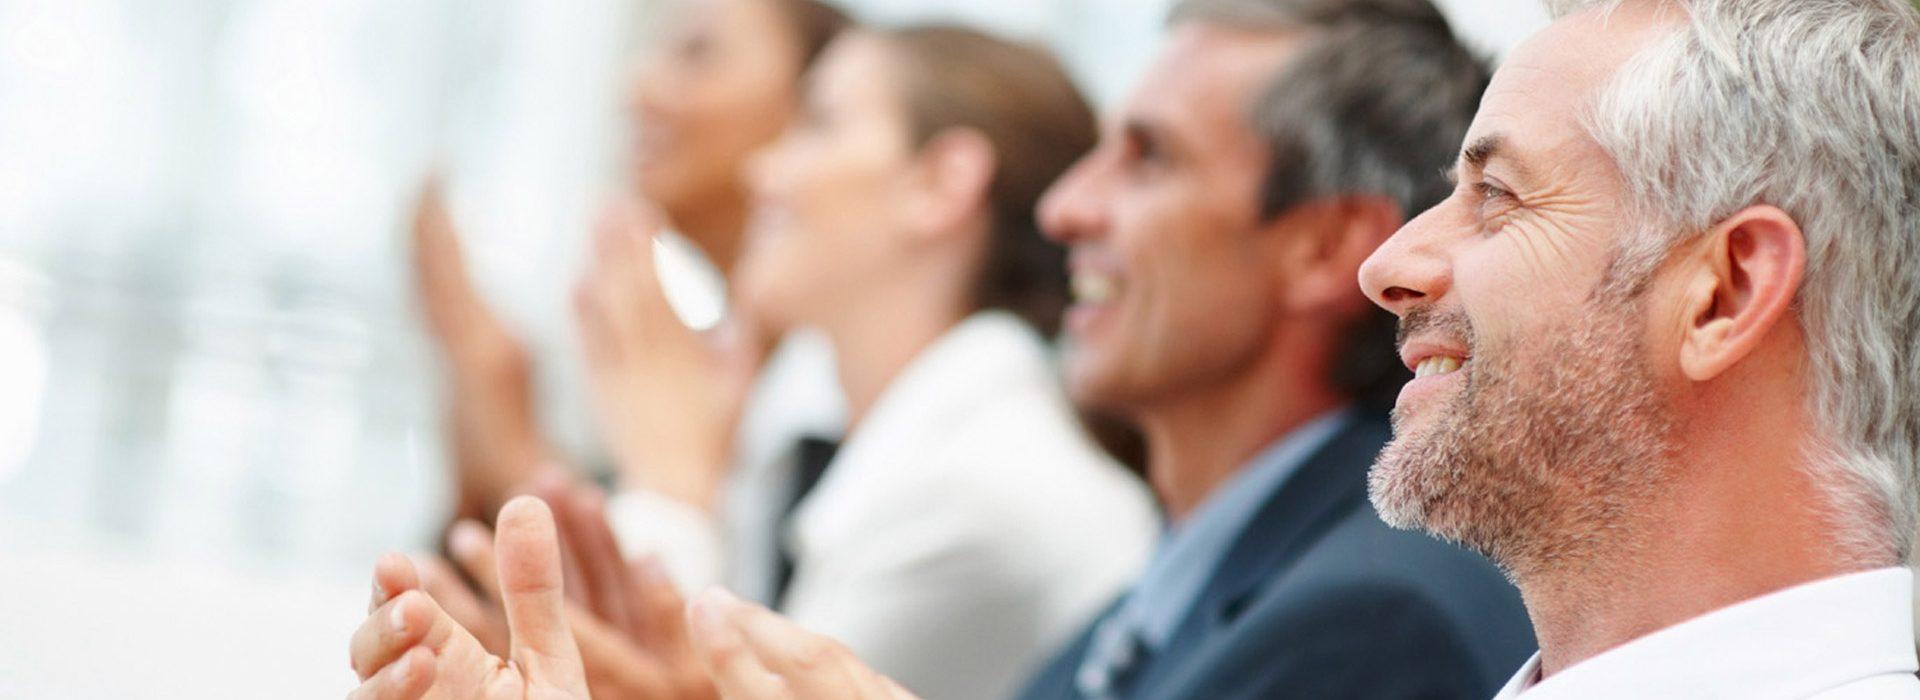 99 Frases Motivacionais De Empreendedores De Sucesso